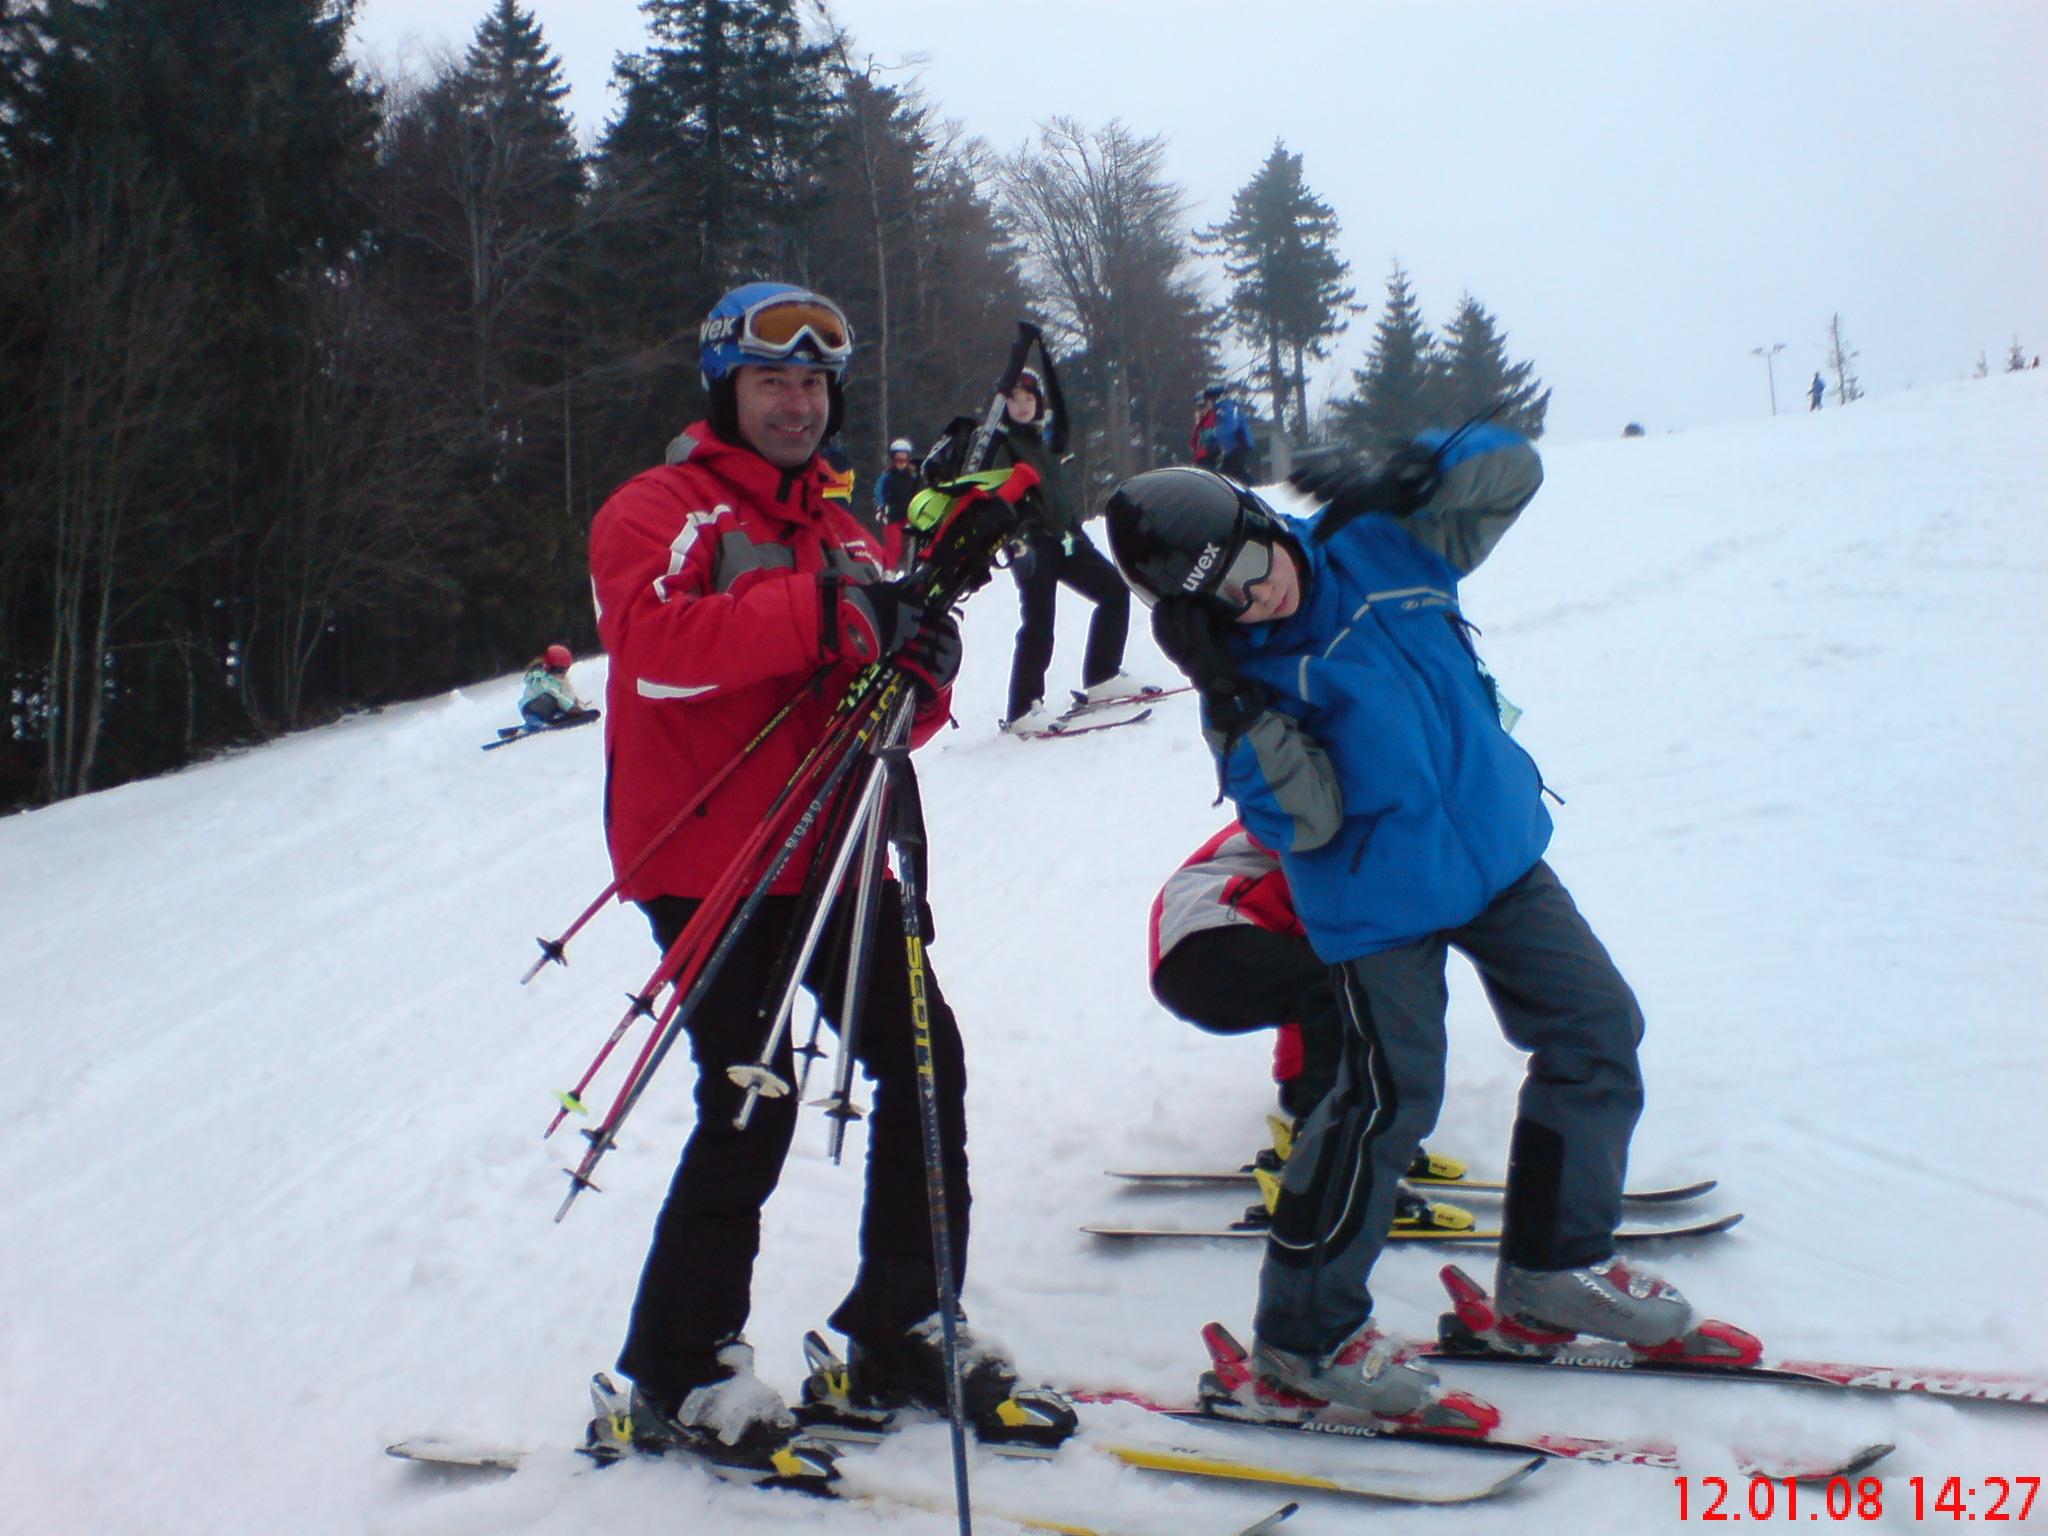 Skiclub Neunburg